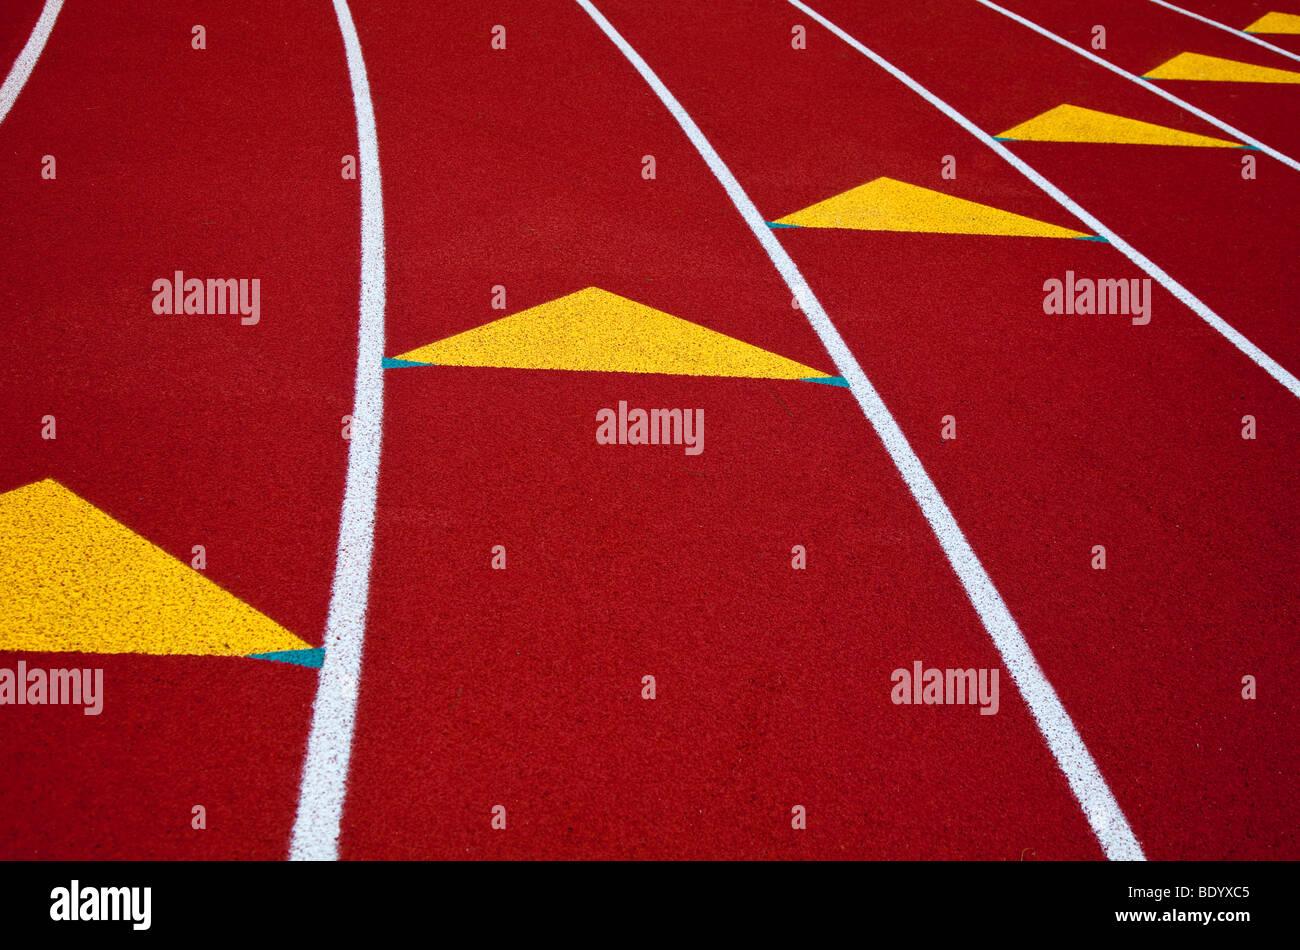 Los marcadores de carril en una pista de atletismo Imagen De Stock